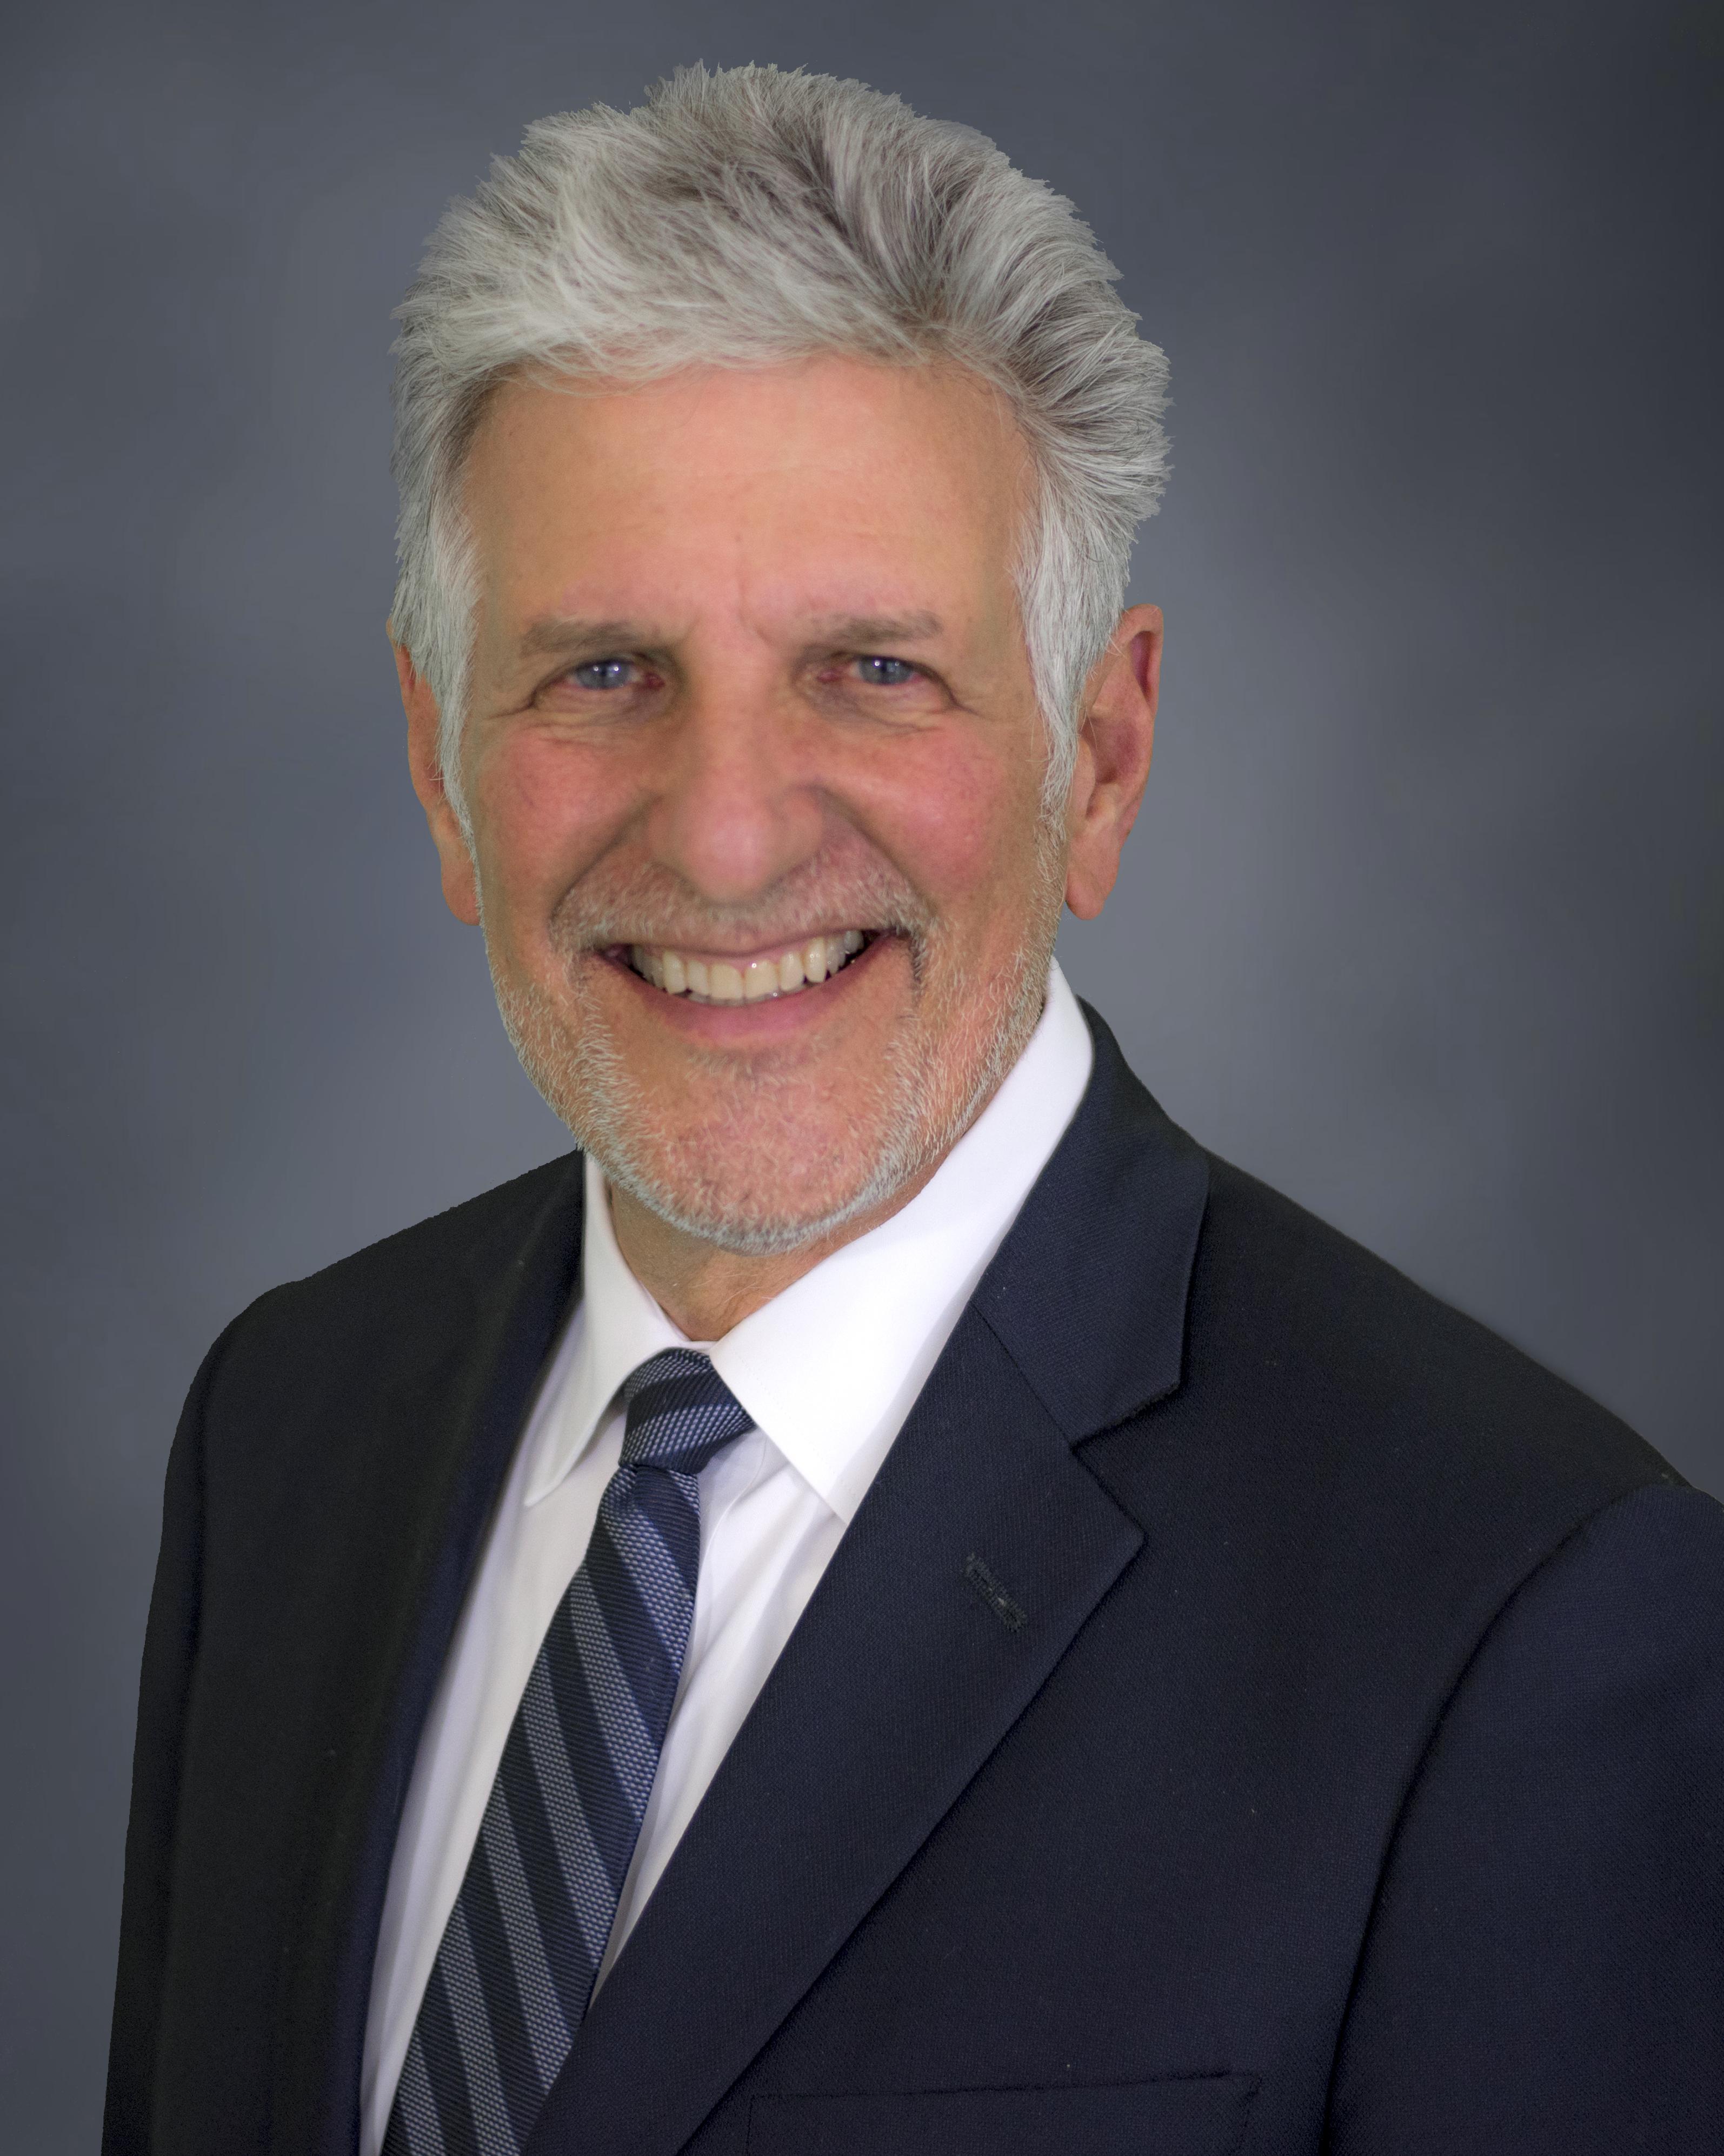 Bill Slaton Headshot